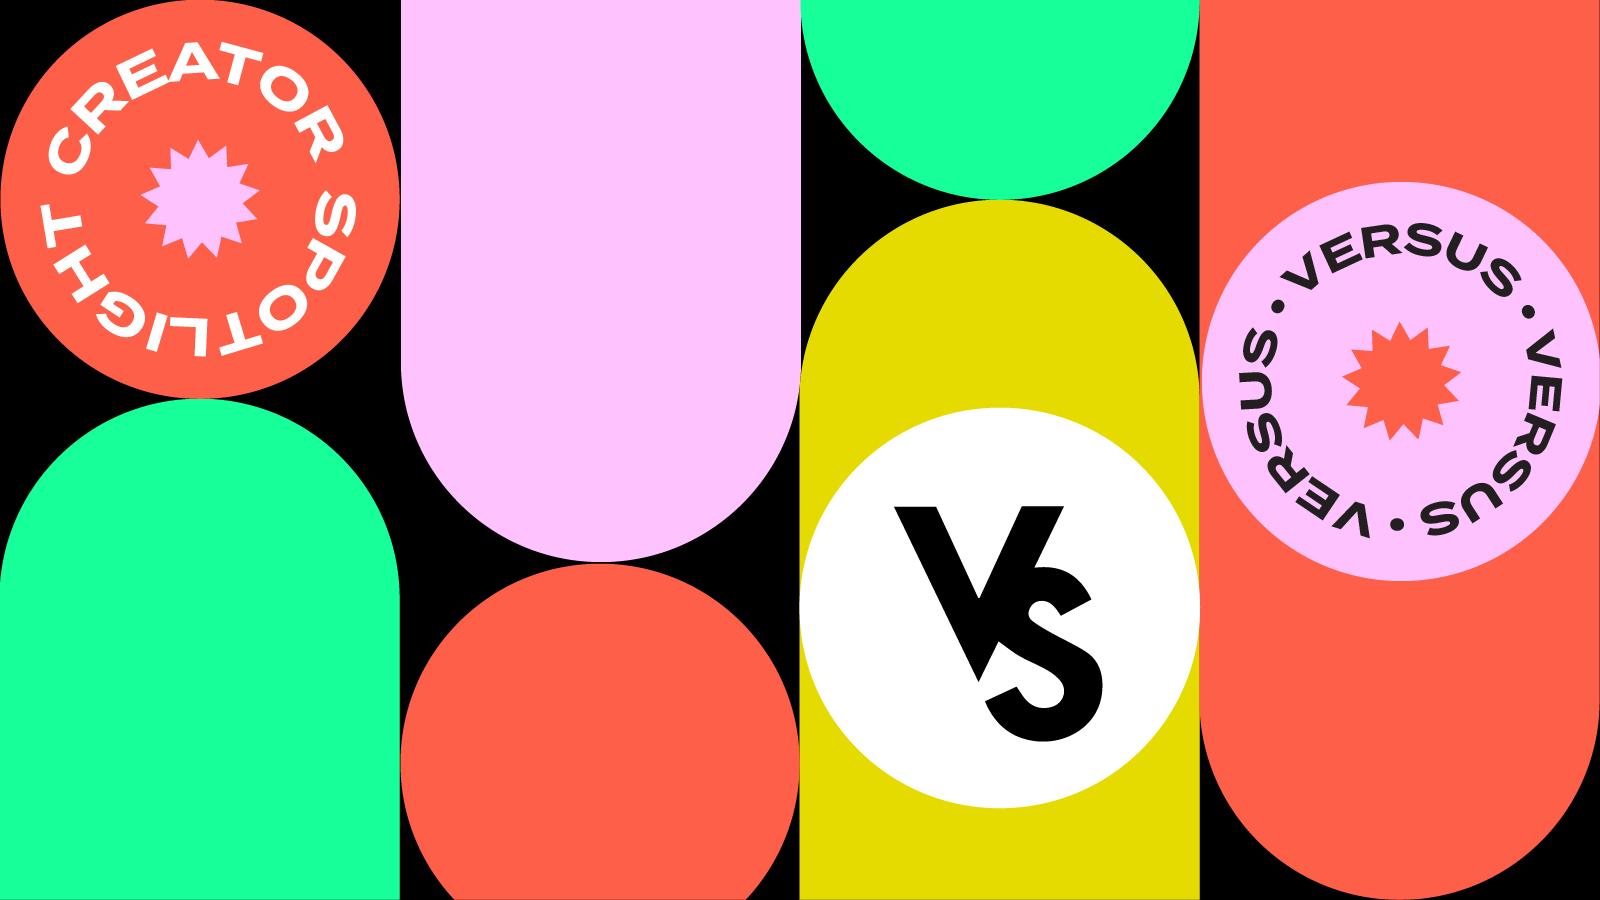 Partner Spotlight: Versus